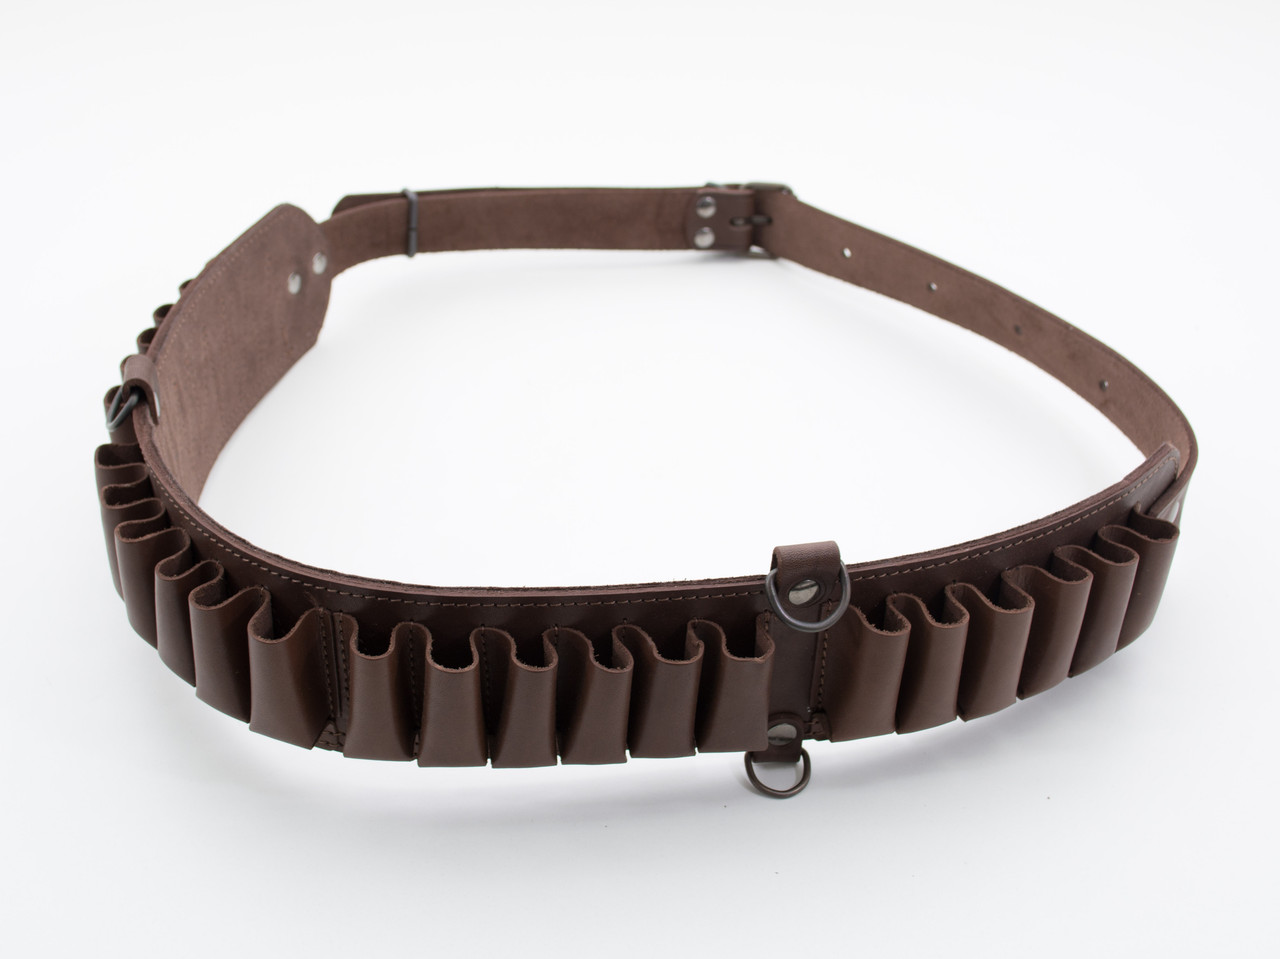 Патронташ на пояс на 24 патрона открытый кожа коричневый 5150/2